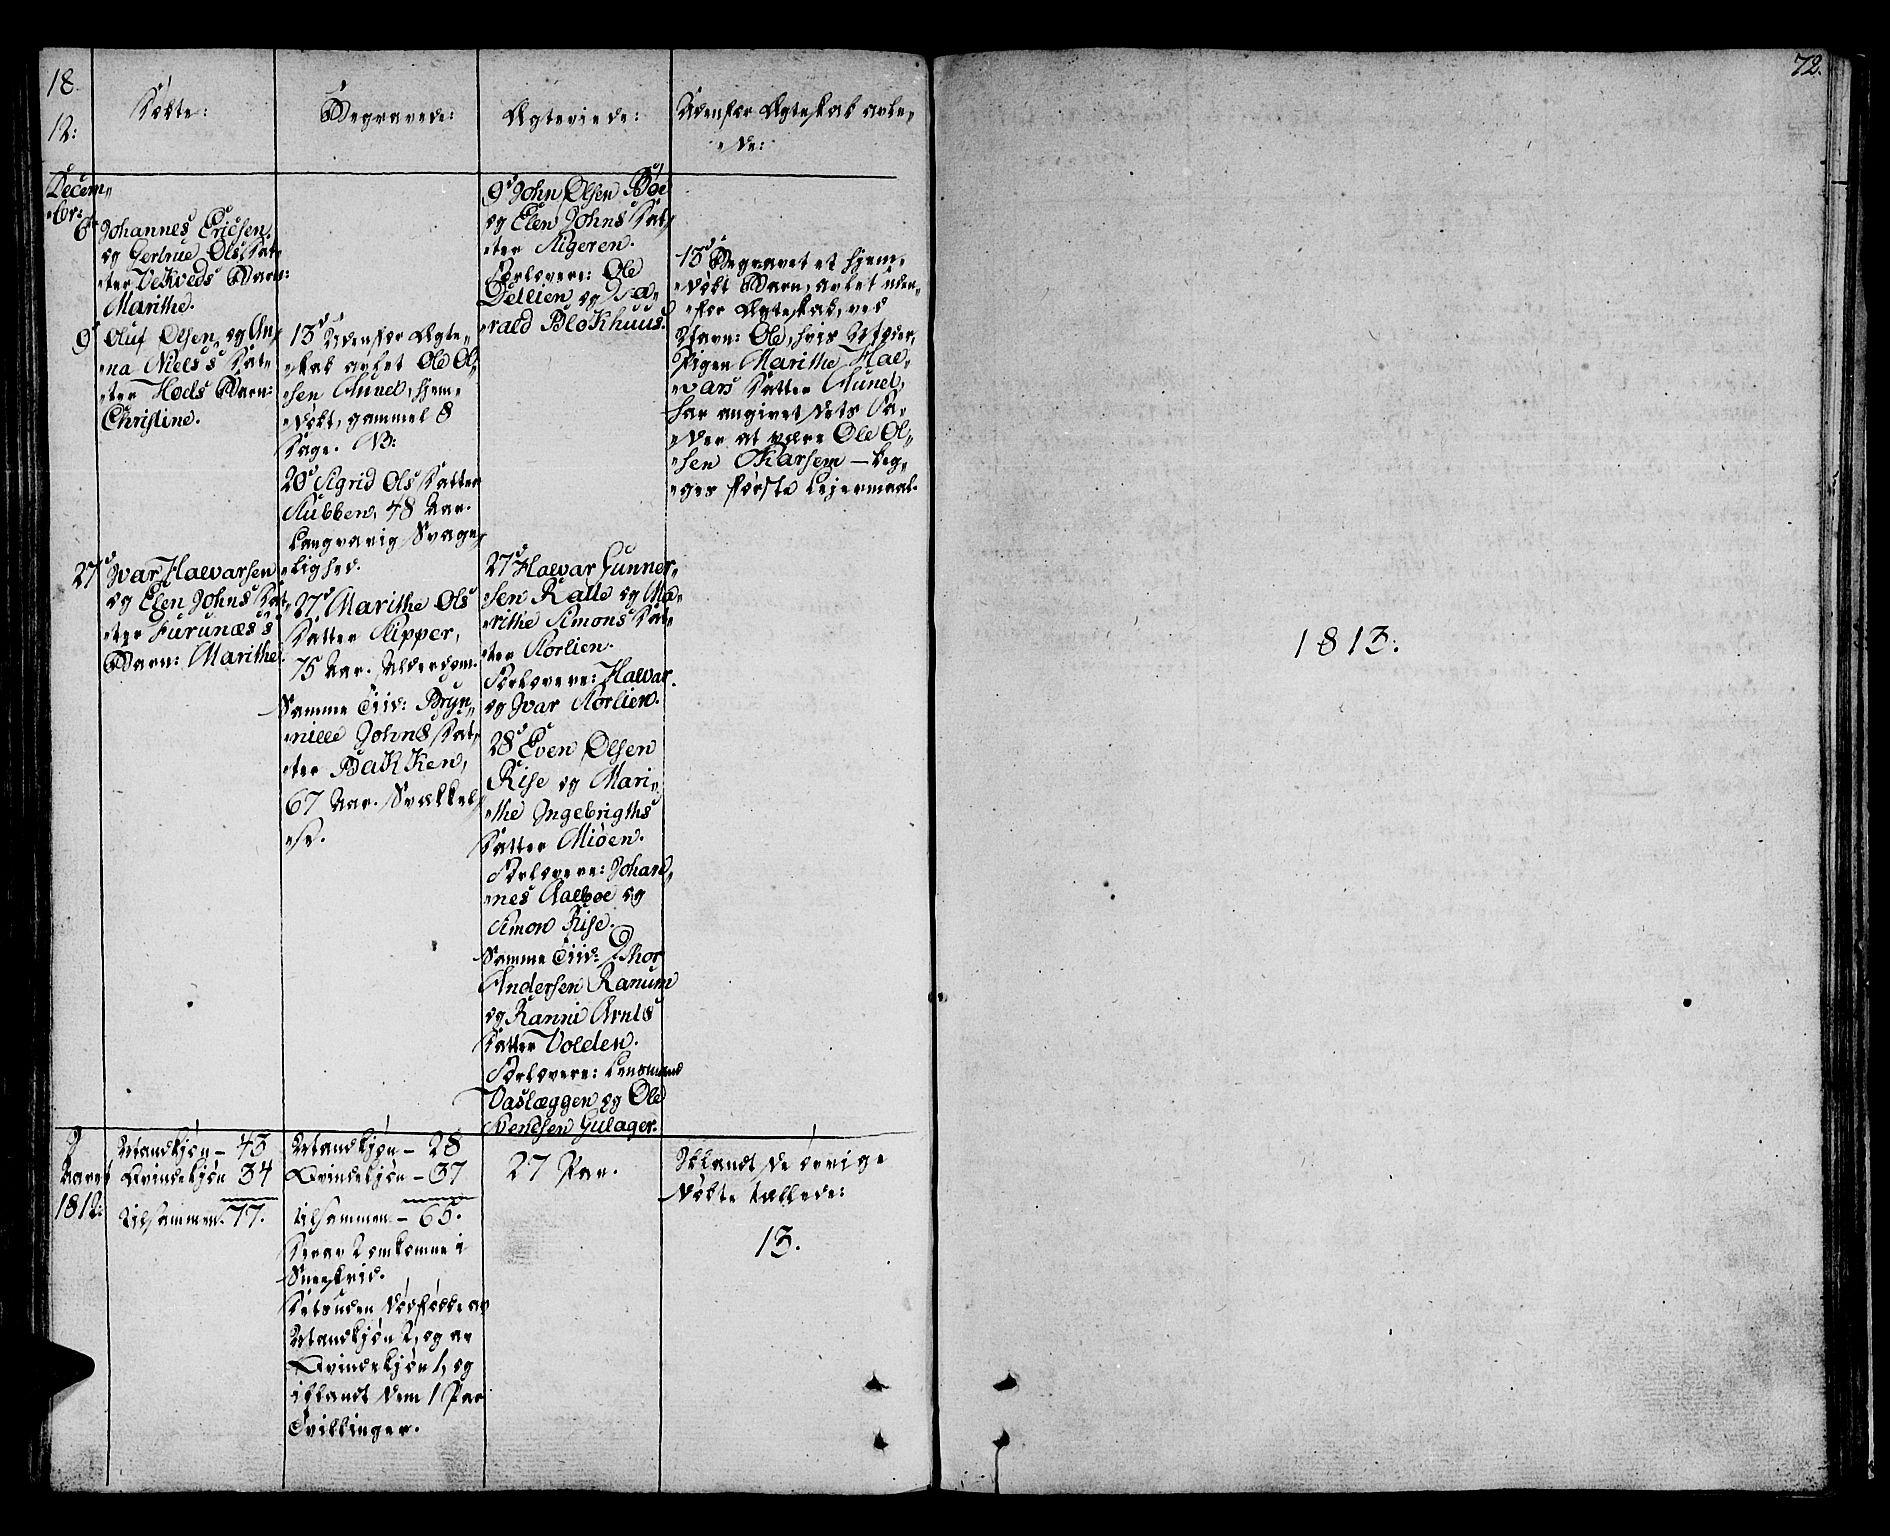 SAT, Ministerialprotokoller, klokkerbøker og fødselsregistre - Sør-Trøndelag, 678/L0894: Ministerialbok nr. 678A04, 1806-1815, s. 72